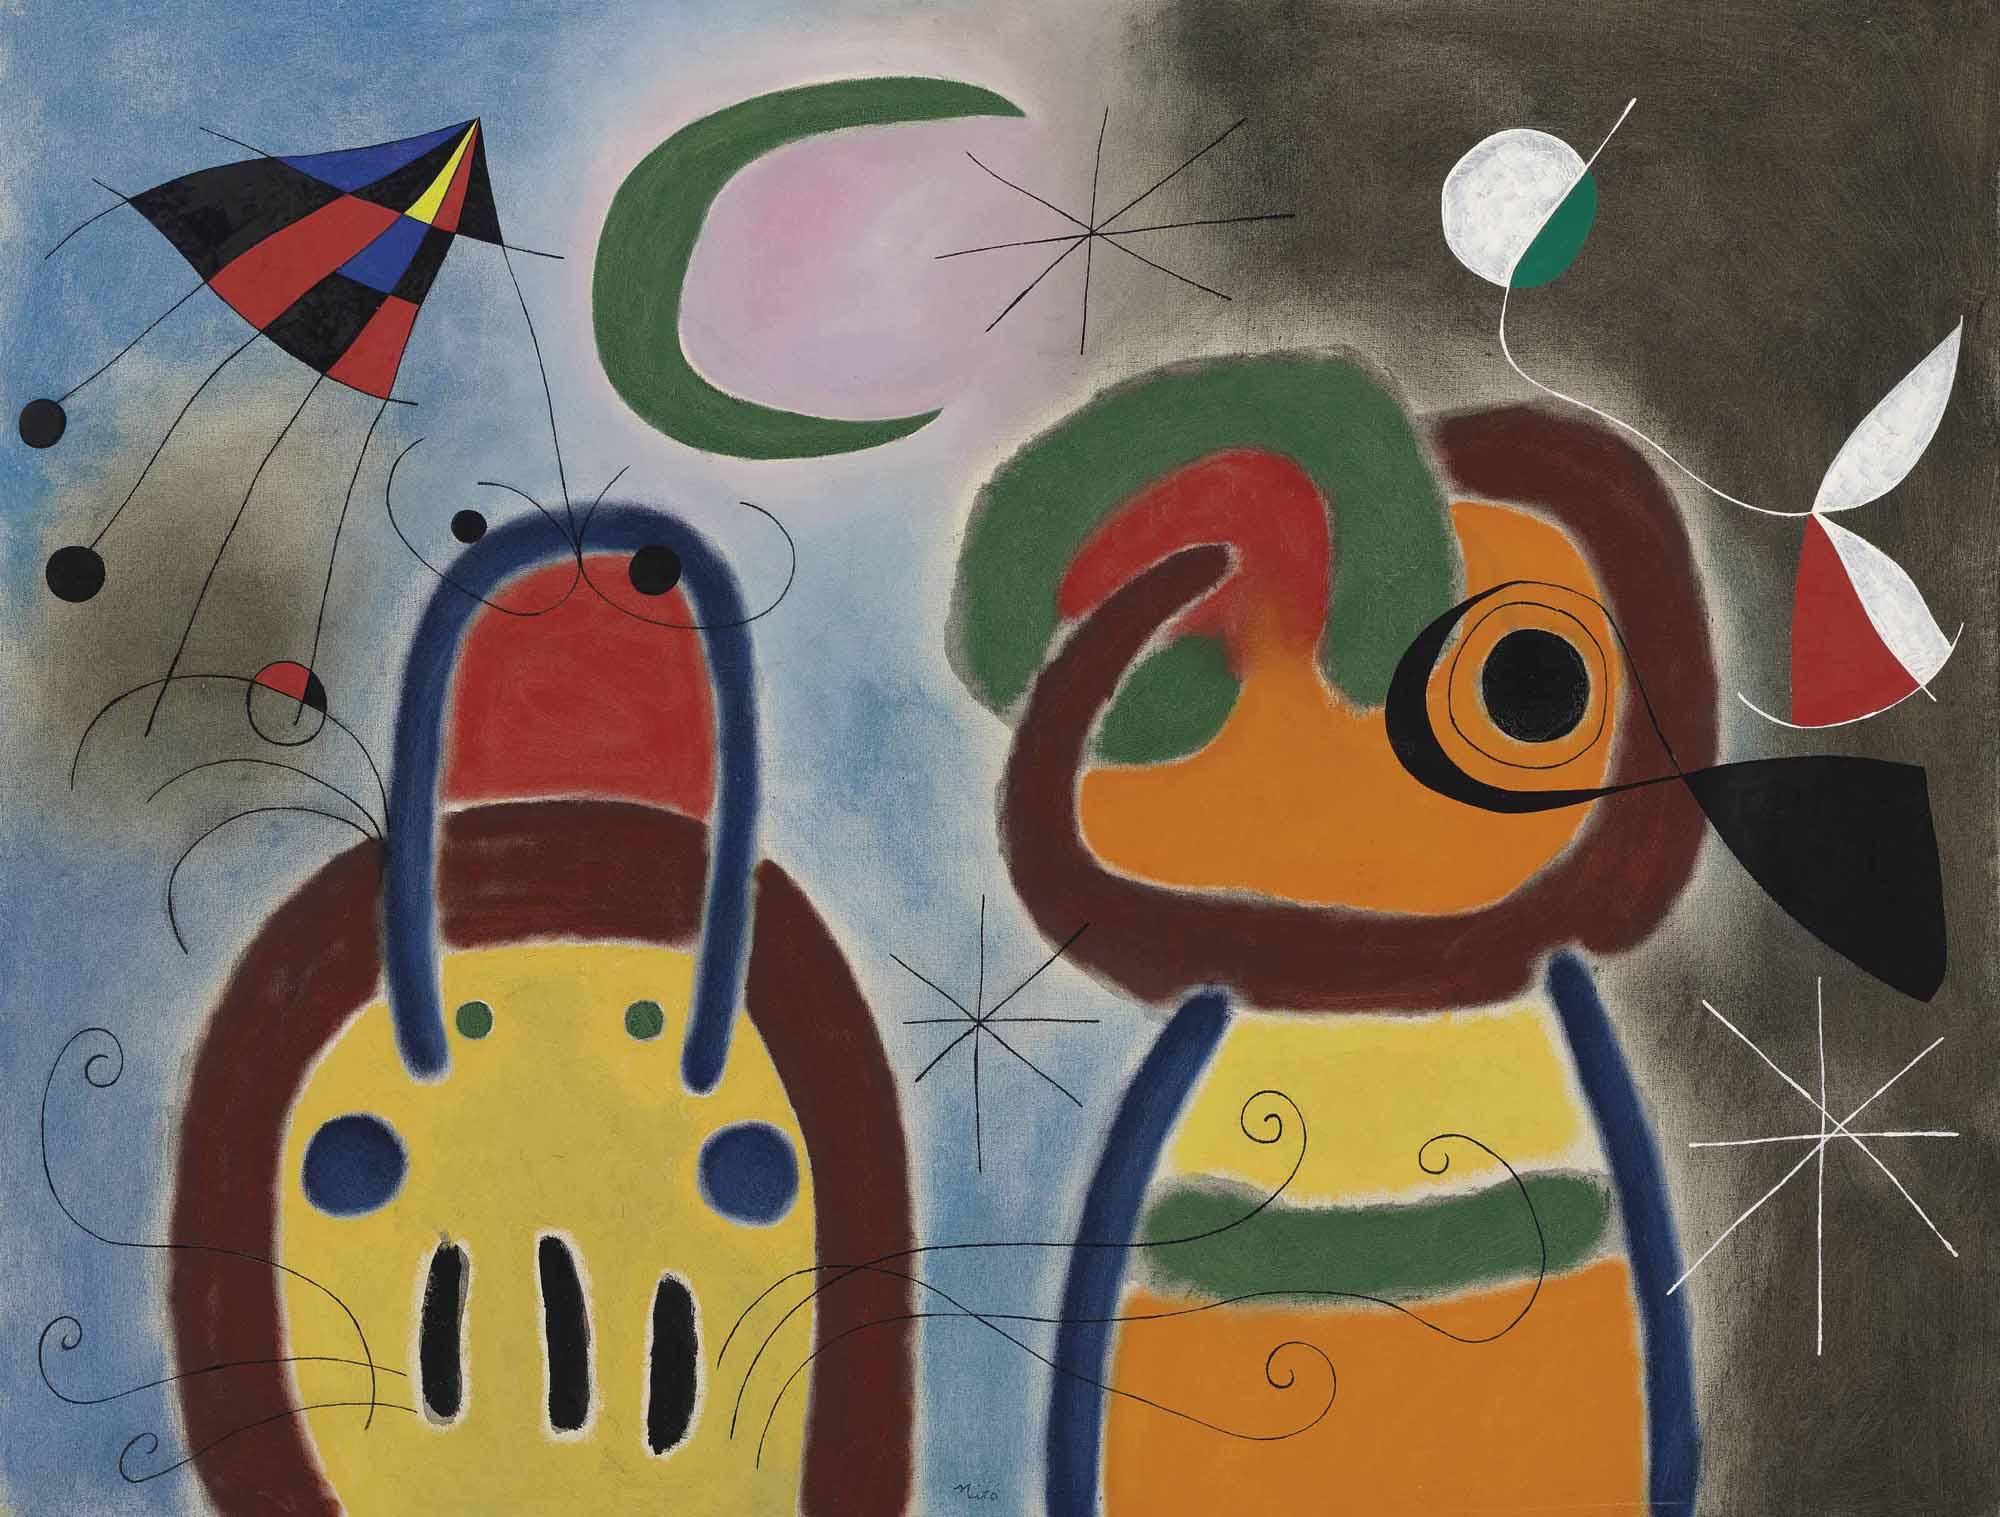 Audio: Joan Miró's <em>L'Oiseau au plumage déployé vole vers l'arbre argenté</em>